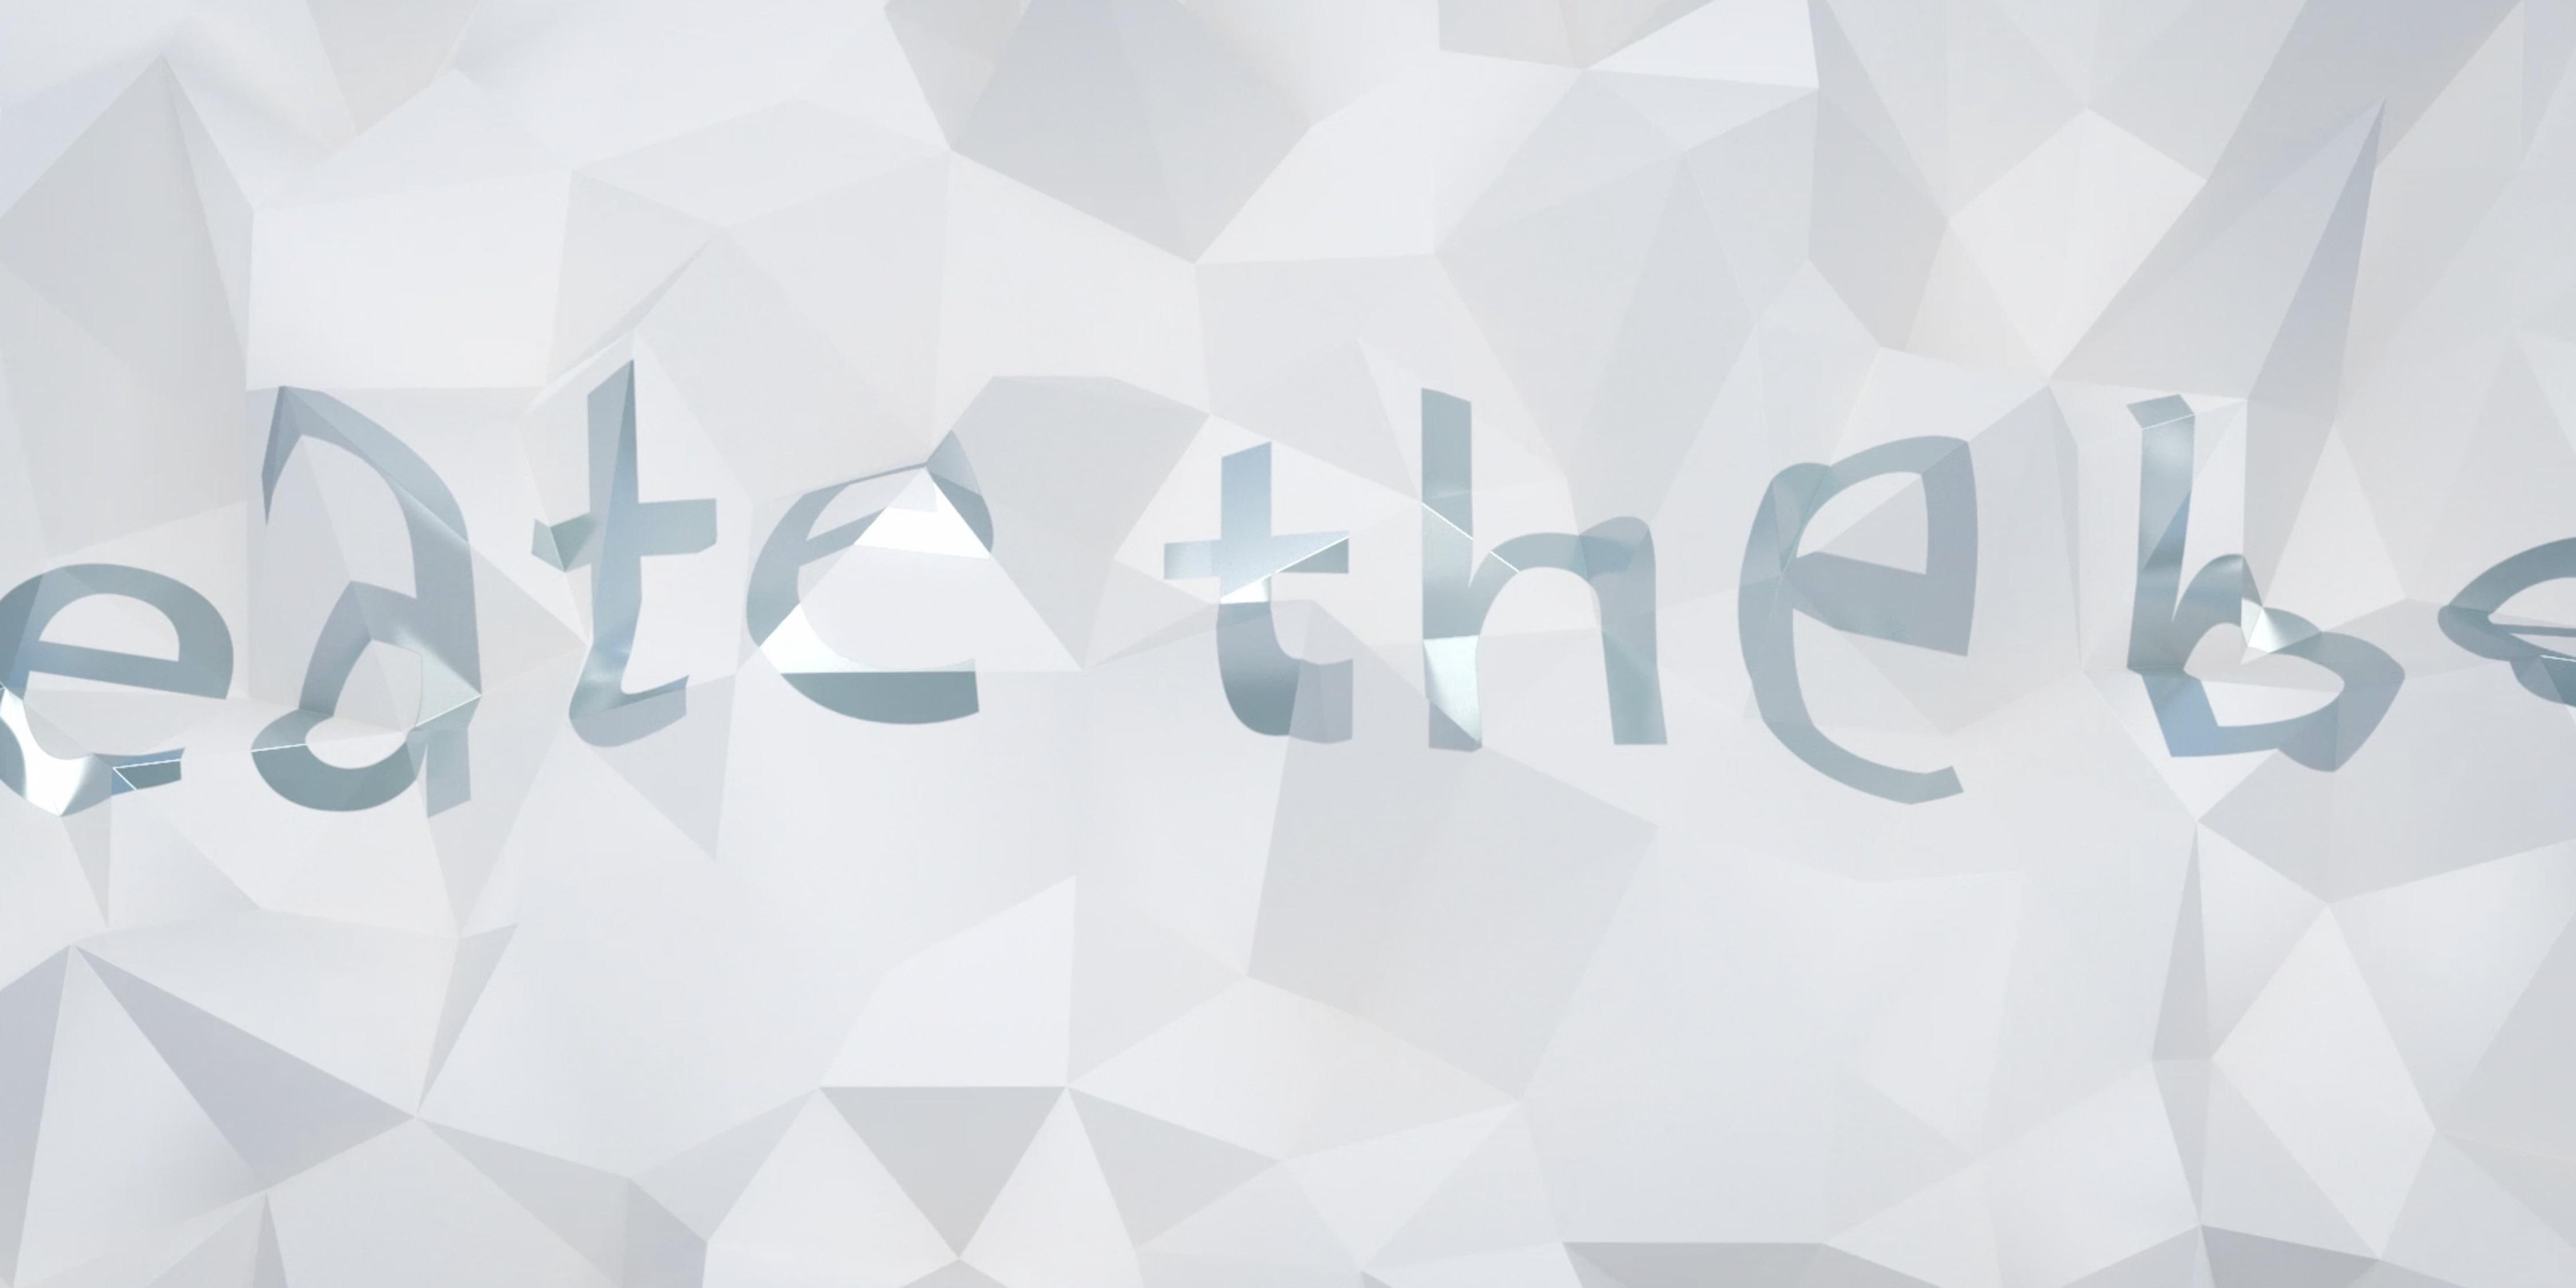 Der innovative Logotrailer macht die Marke lebendig.